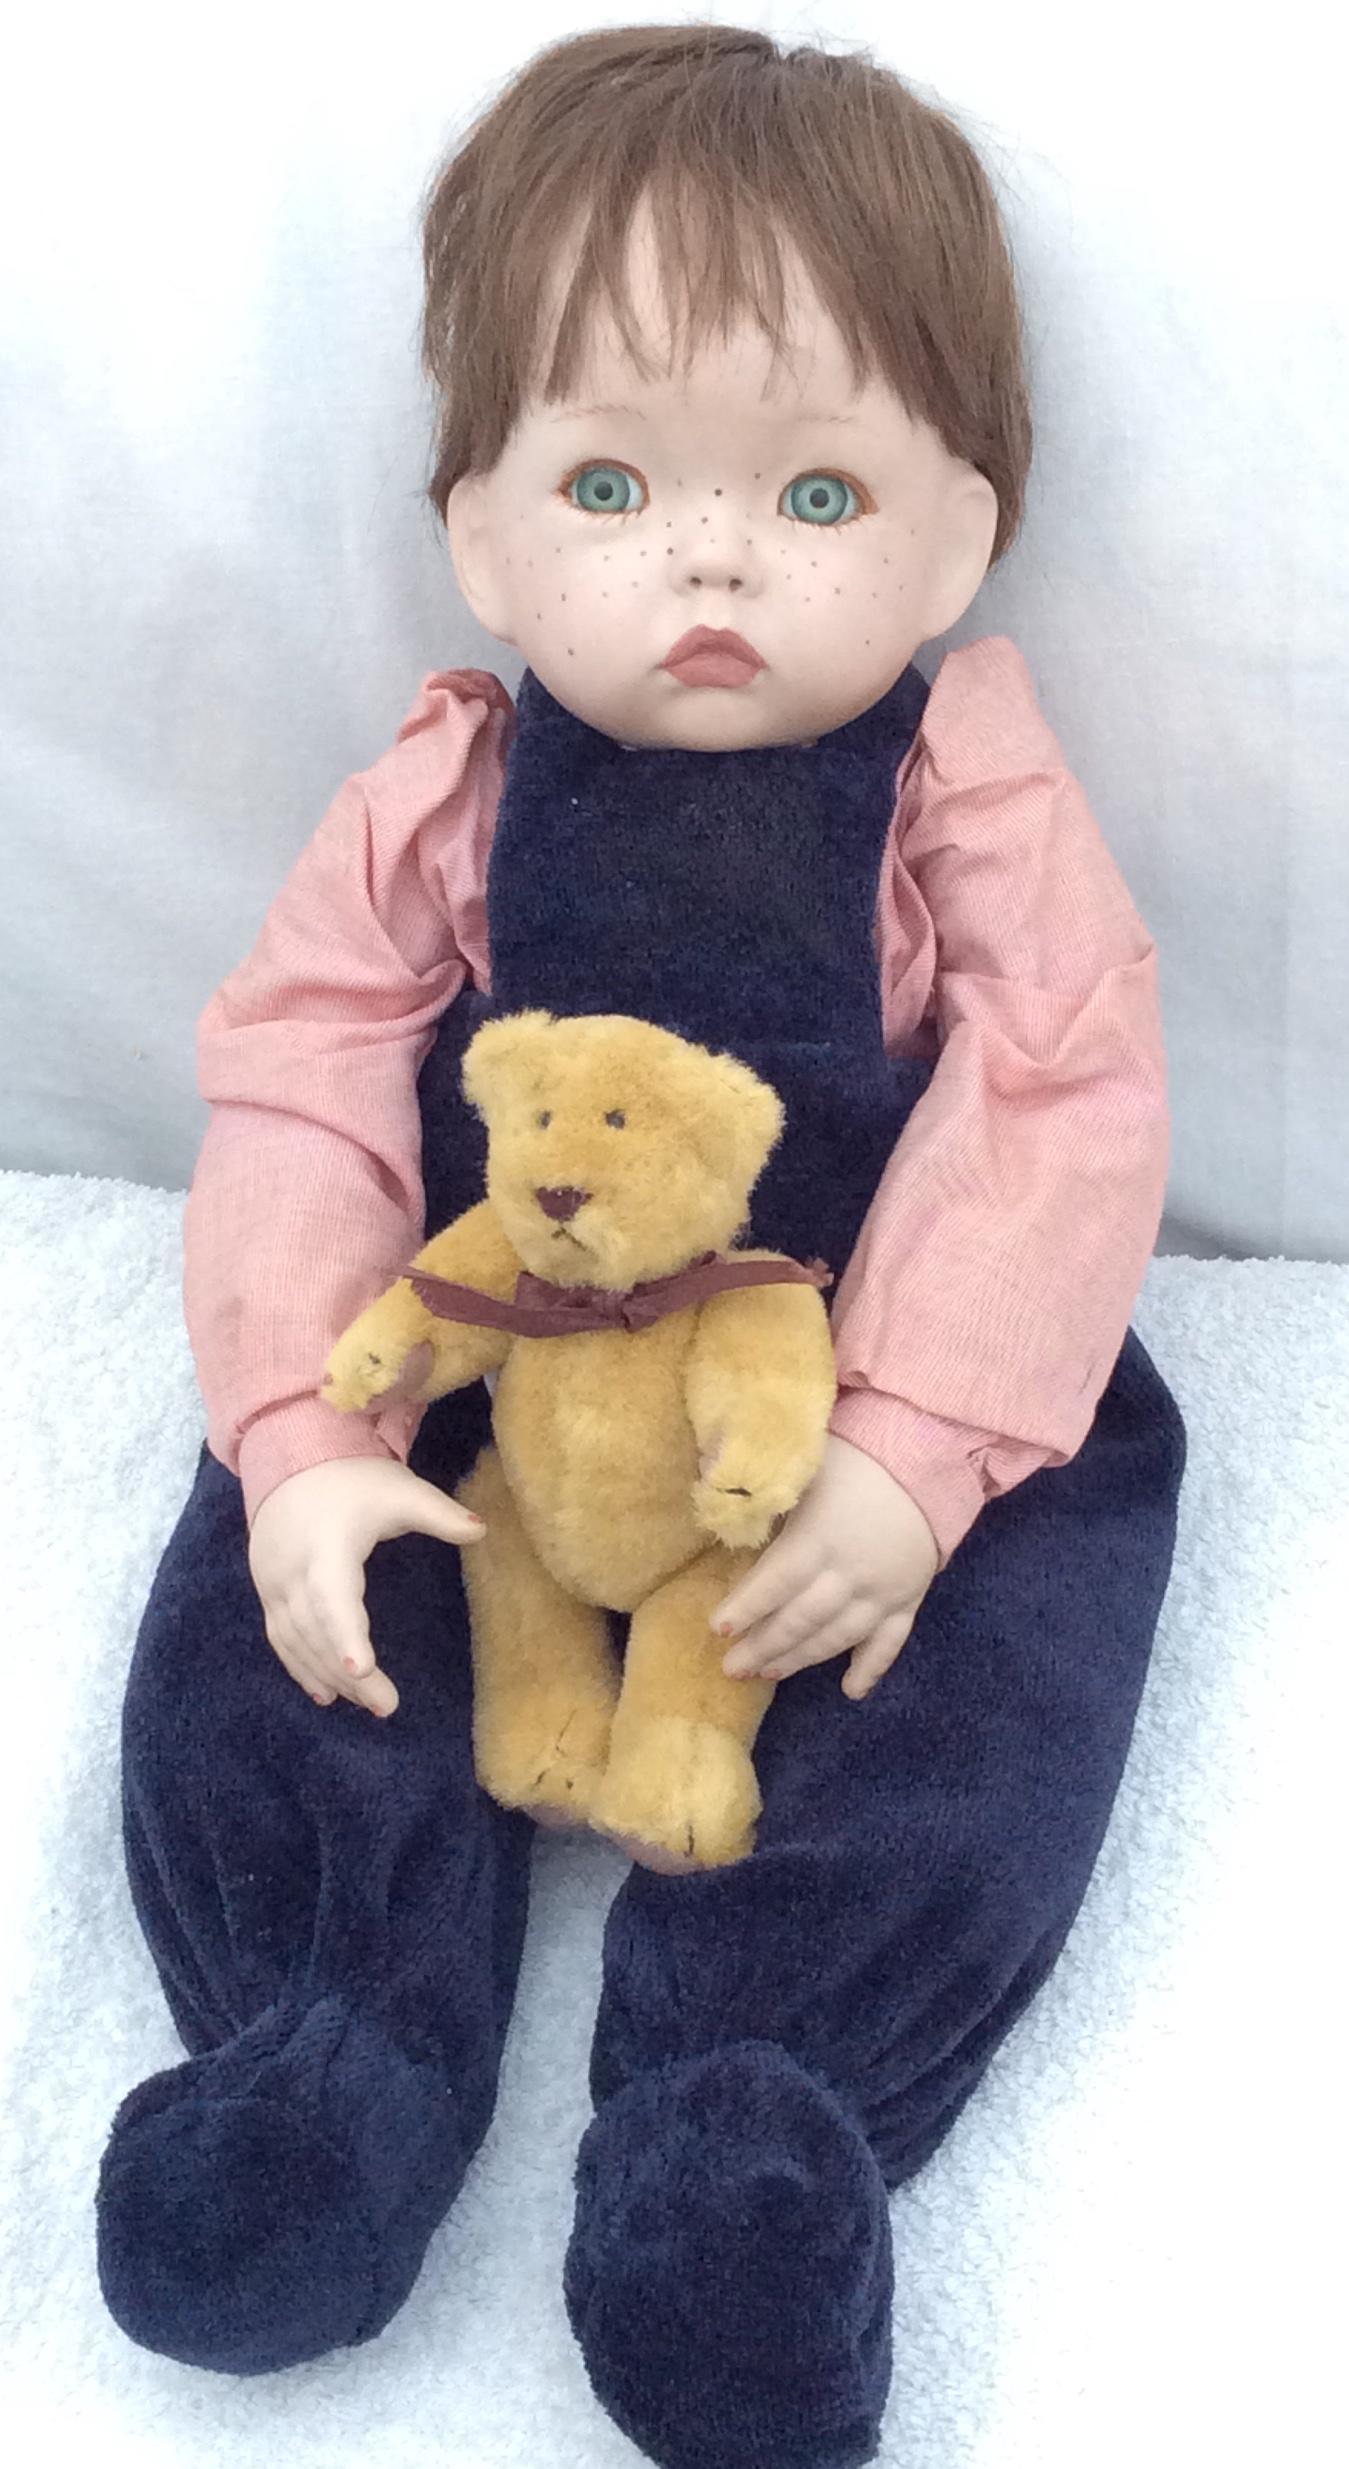 Vintage handmade porcelain doll